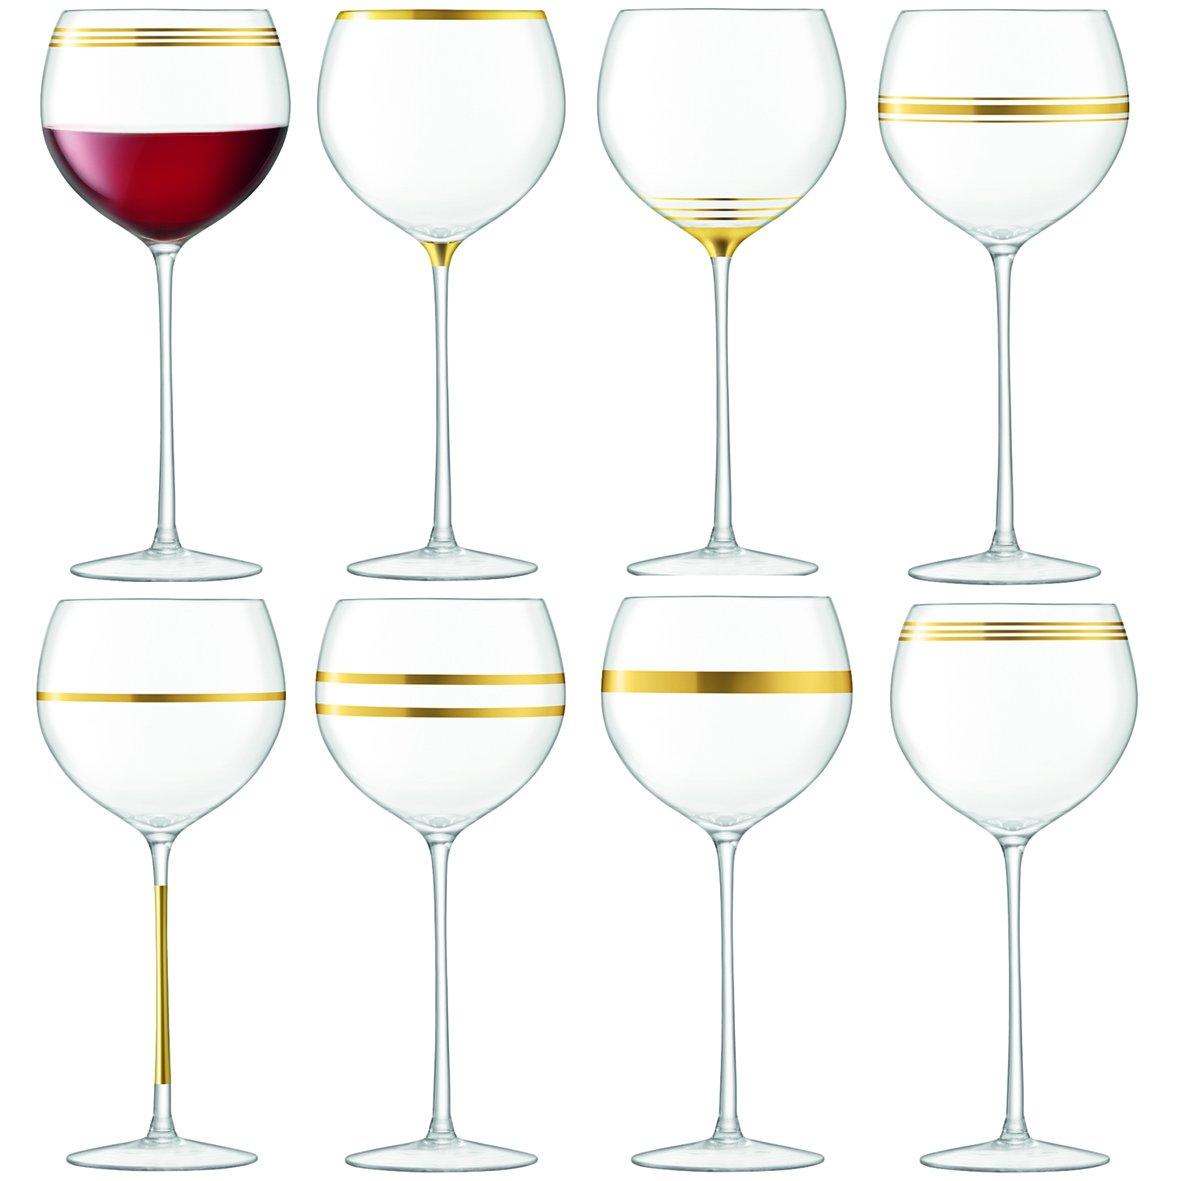 LSA International Deco 17.75 fl. Oz. 9'' Gold Wine Goblet (Set of 8), Assorted